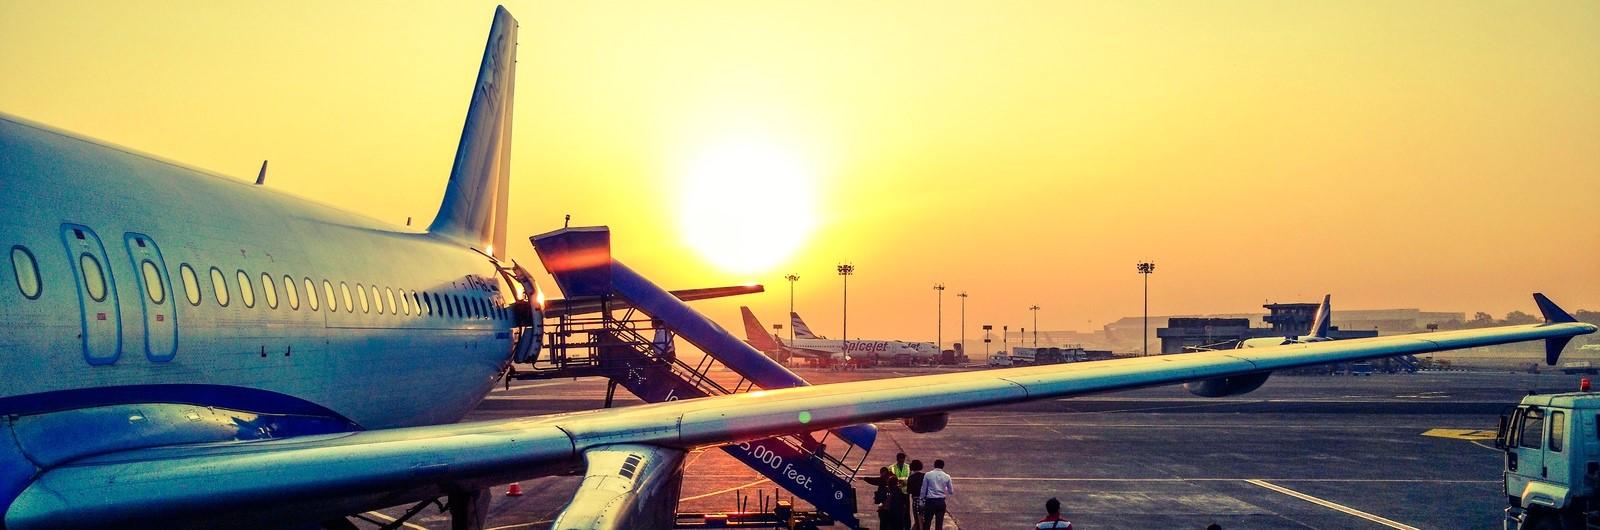 Letadlo čekající na letišti